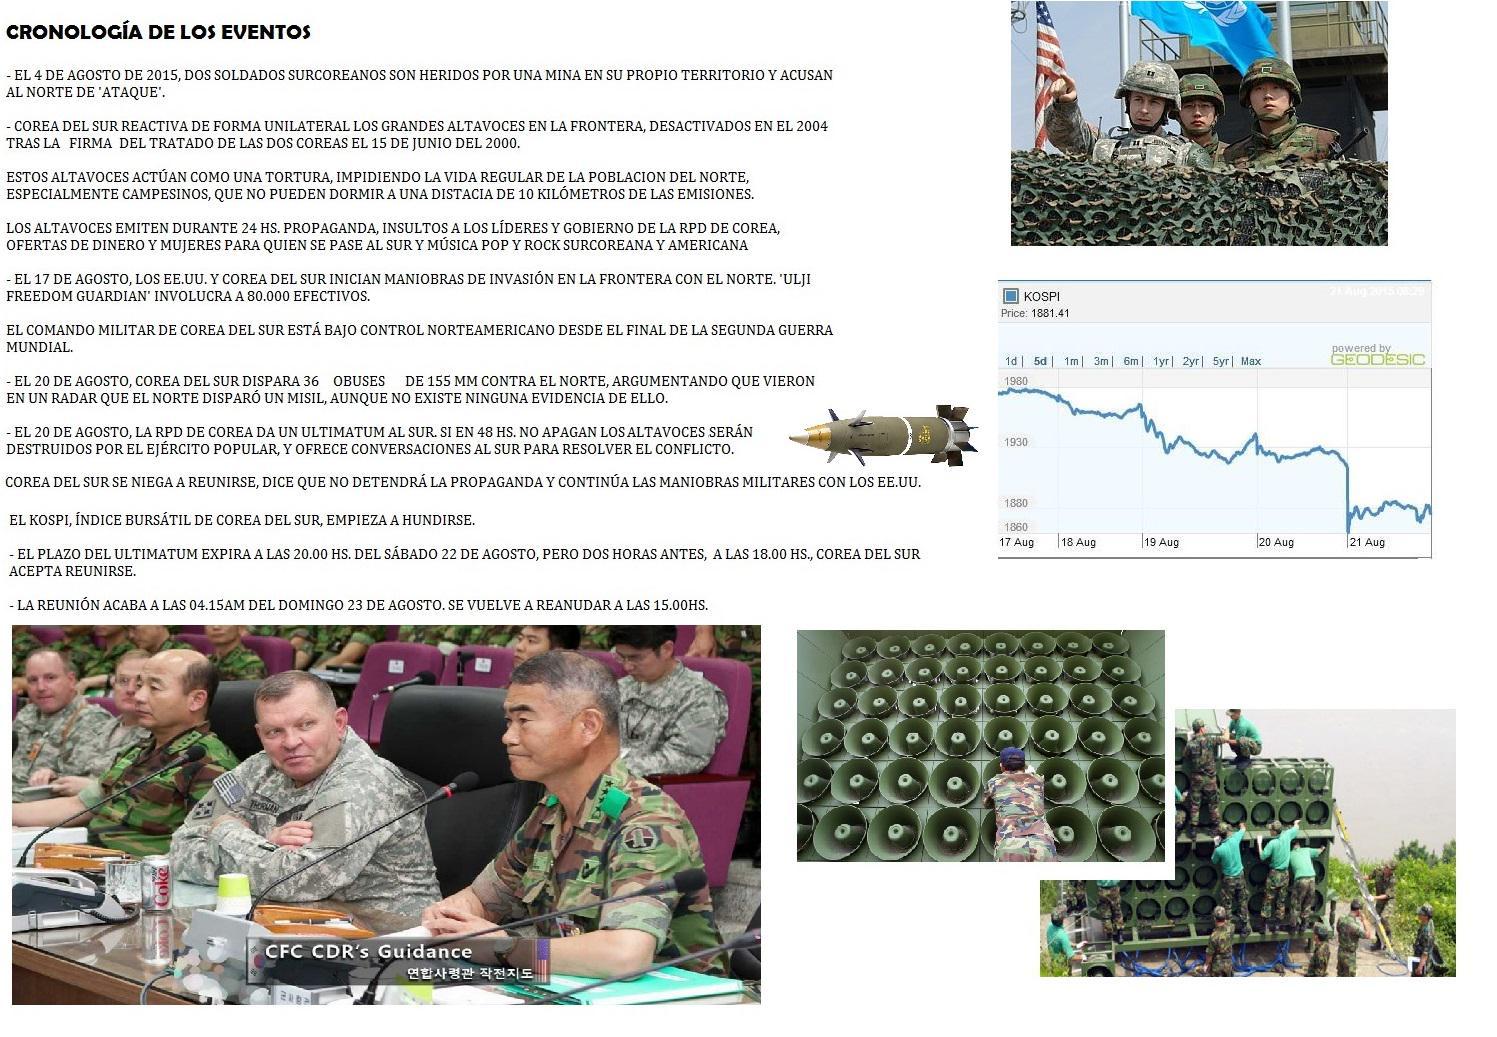 corea del norte amenaza con respuesta militar en 24 horas a surcorea CNE8gx2WIAAD5TJ